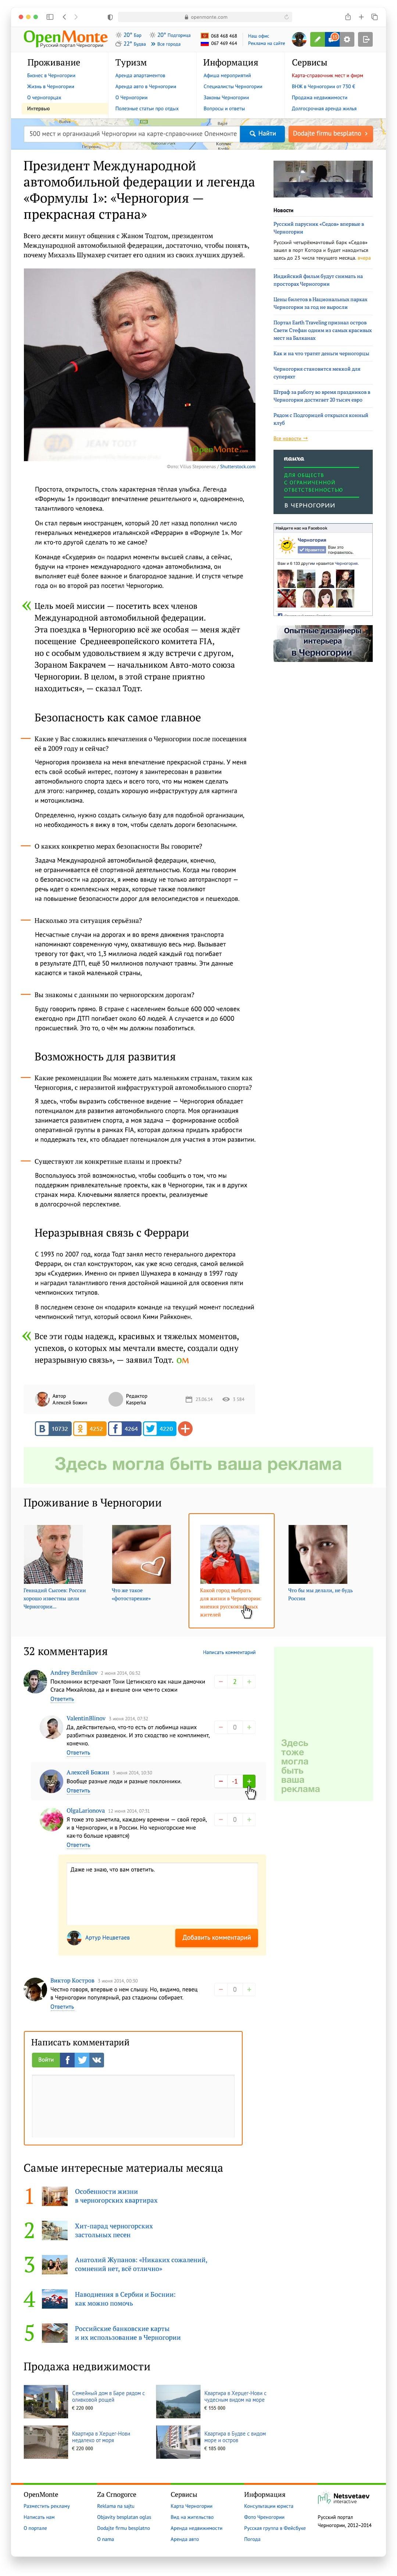 Дизайн новостей Опенмонте Сайт Артура Нецветаева — сайты, приложения, прототипы и оформление интерфейсов openmonte news artur netsvetaev design